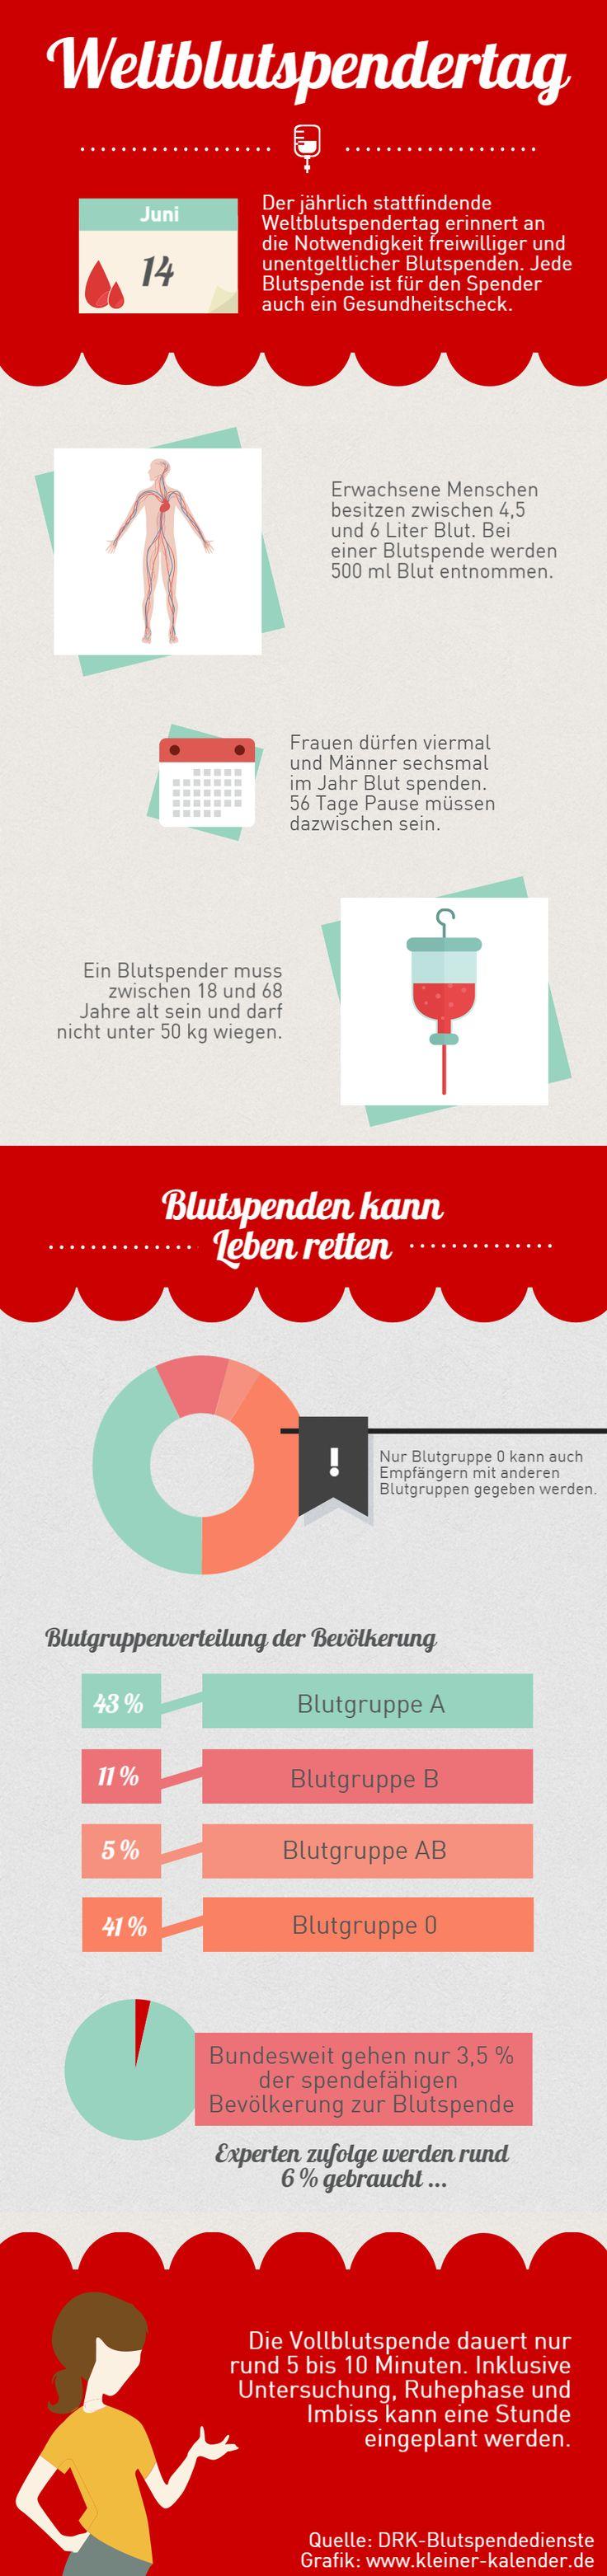 Infografik zum Weltblutspendertag 2015 am 14. Juni. Diese kann unter Angabe der Quelle (www.kleiner-kalender.de) kostenfrei genutzt werden. #weltblutspendertag #blutspende2015 #blutspende